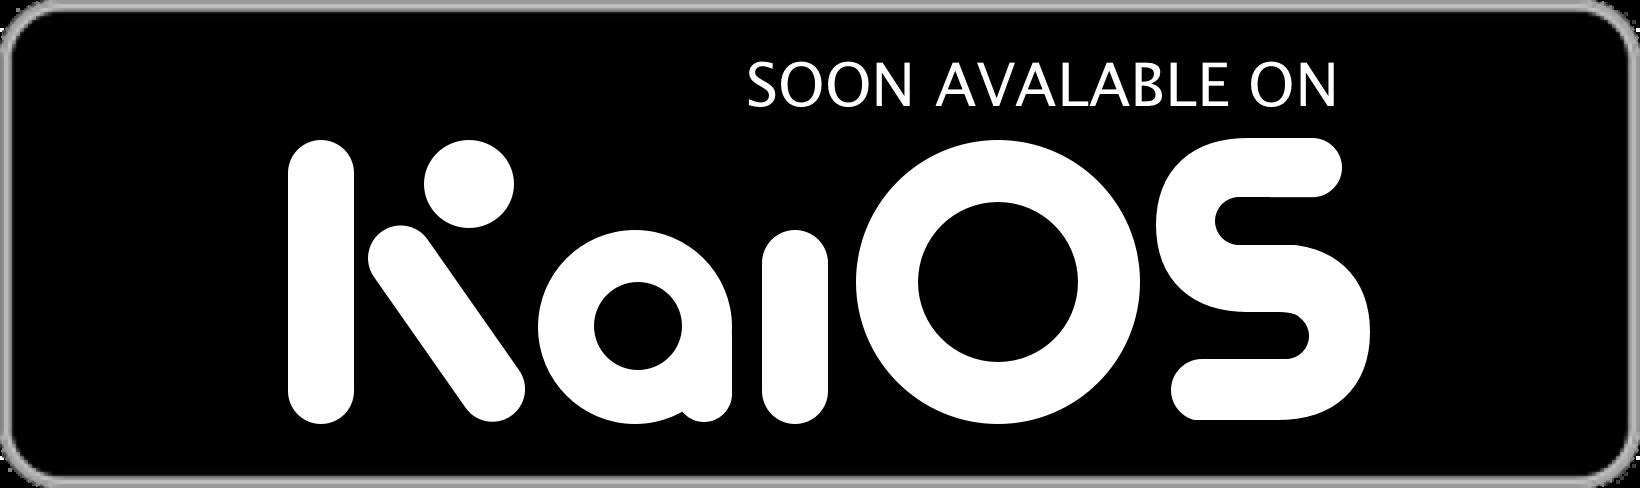 KaiOS_comingsoon.png